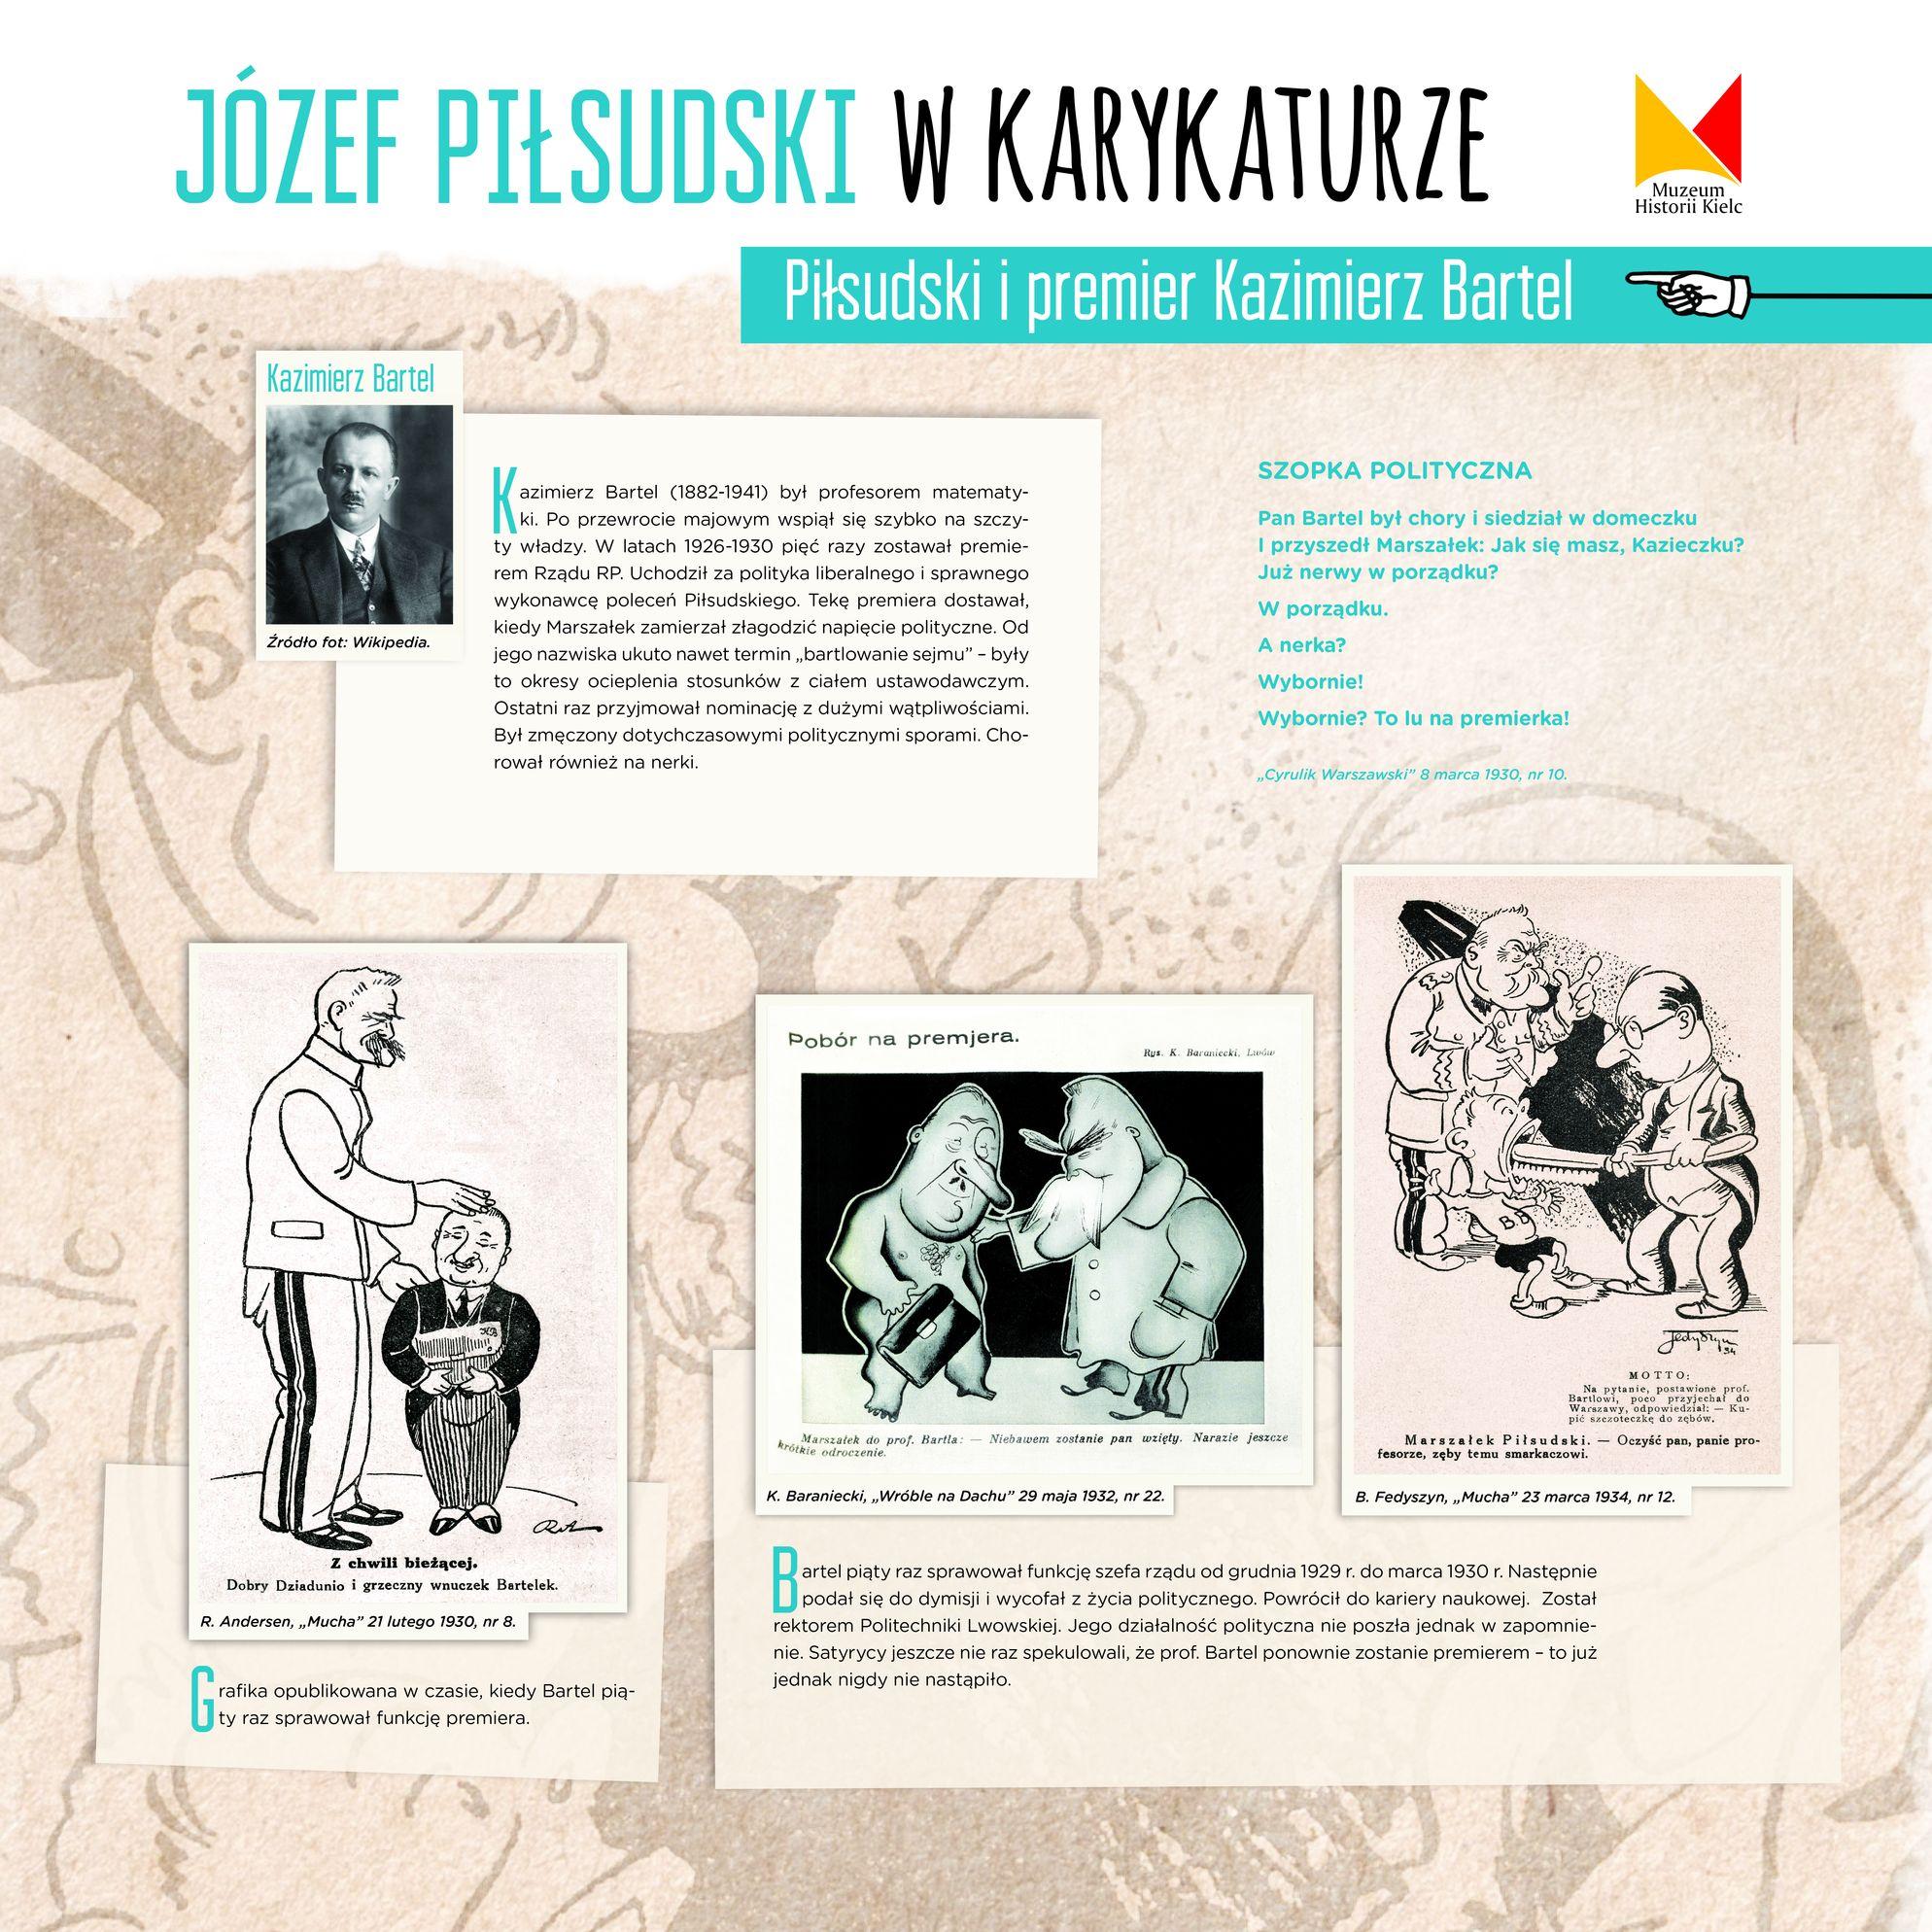 """Wystawa """"Józef Piłsudski w karykaturze"""" (źródło: materiały prasowe organizatora)"""